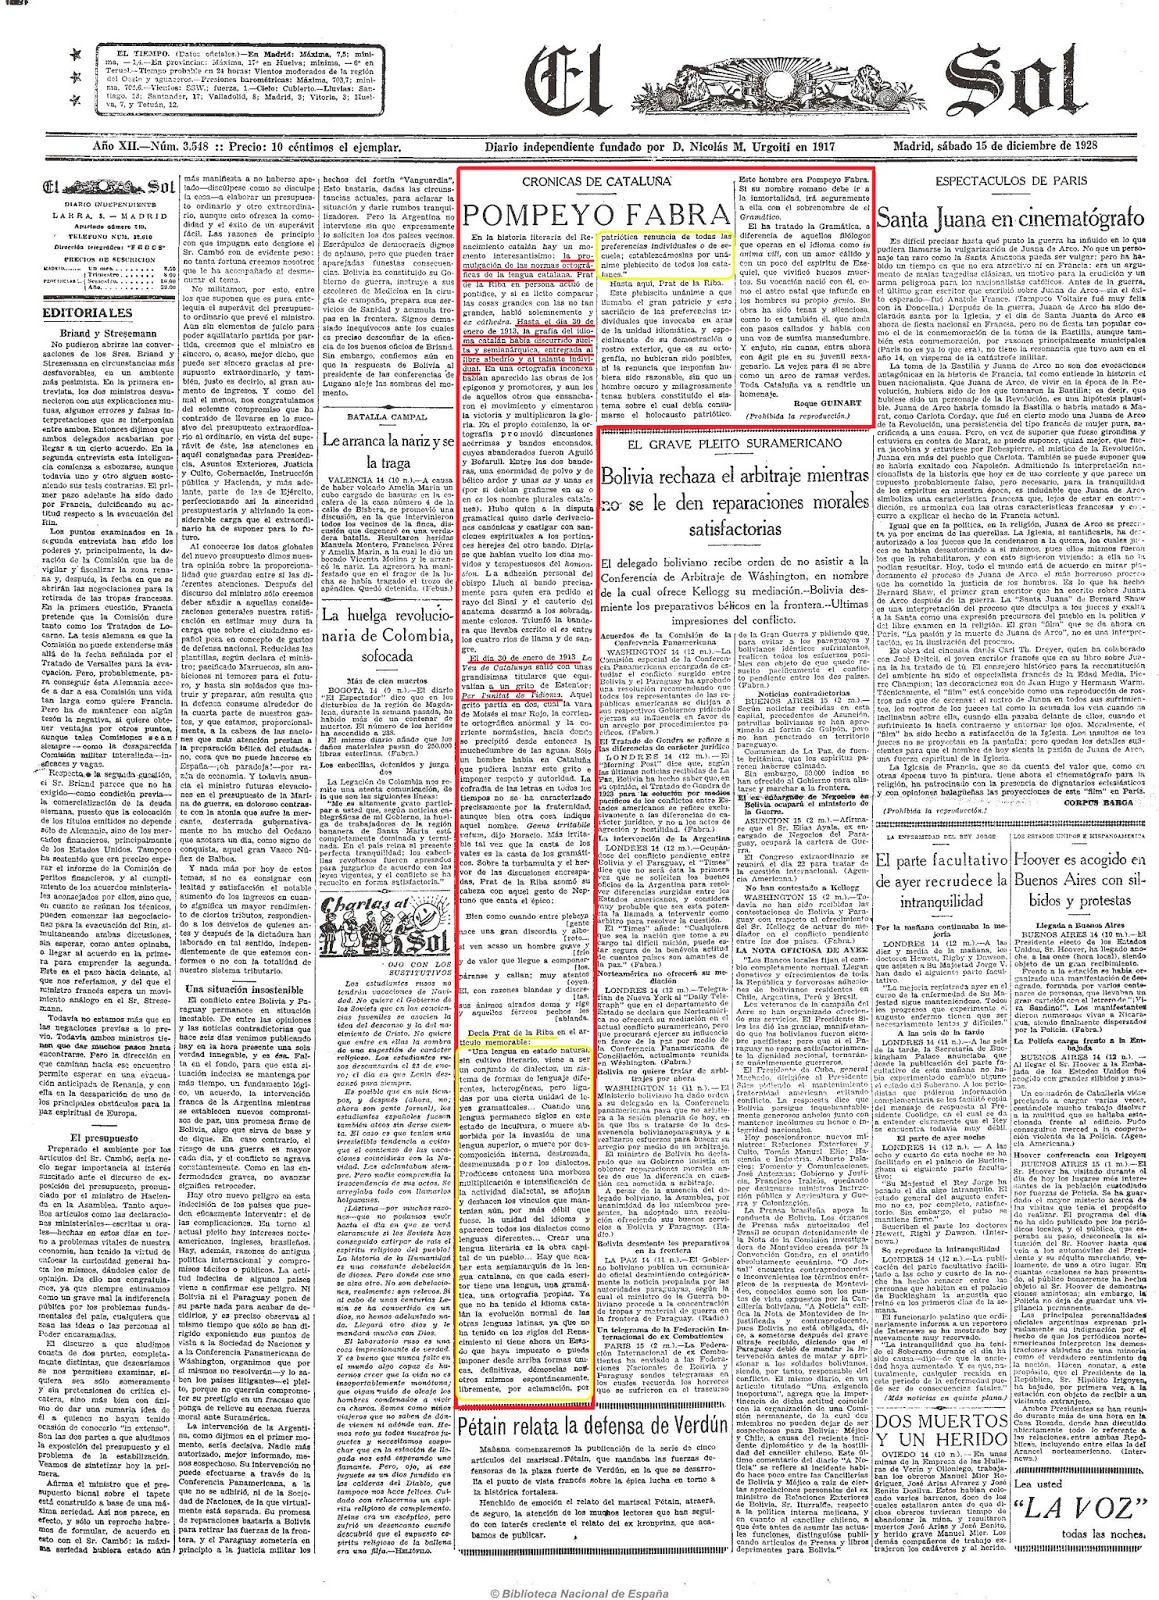 El Sol (Madrid. 1917). 15-12-1928 Pompeu